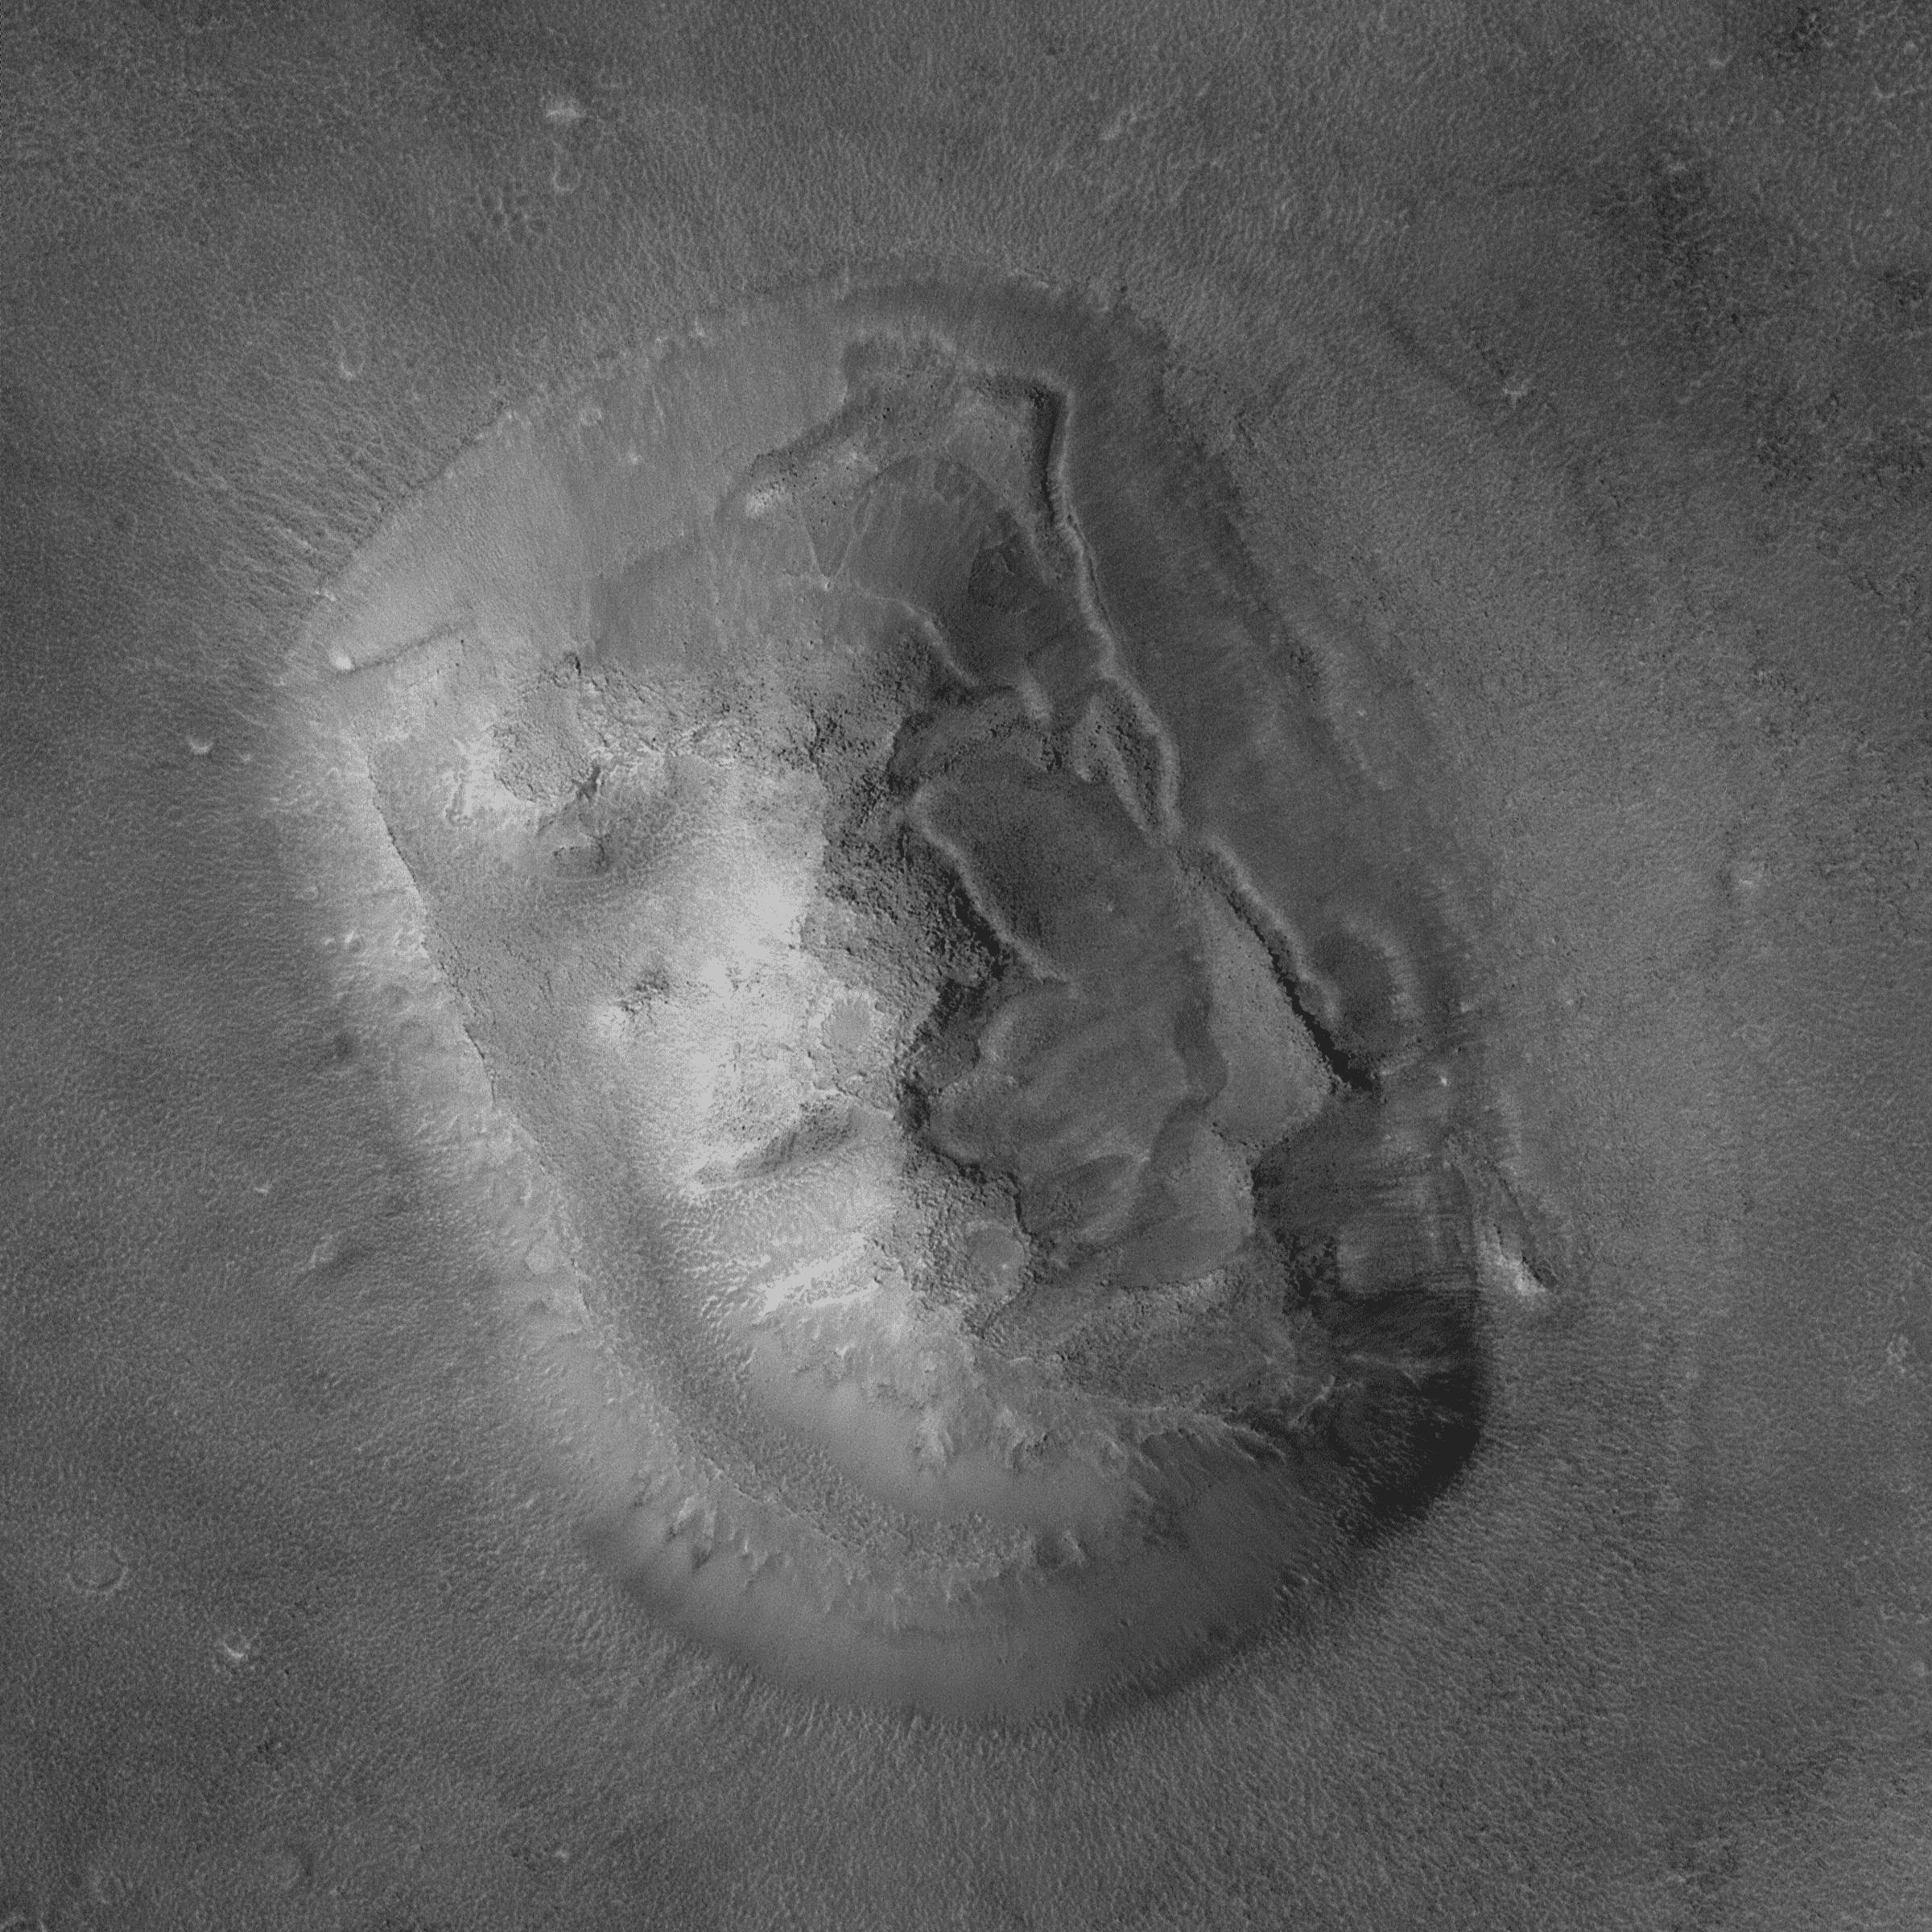 火星人面像